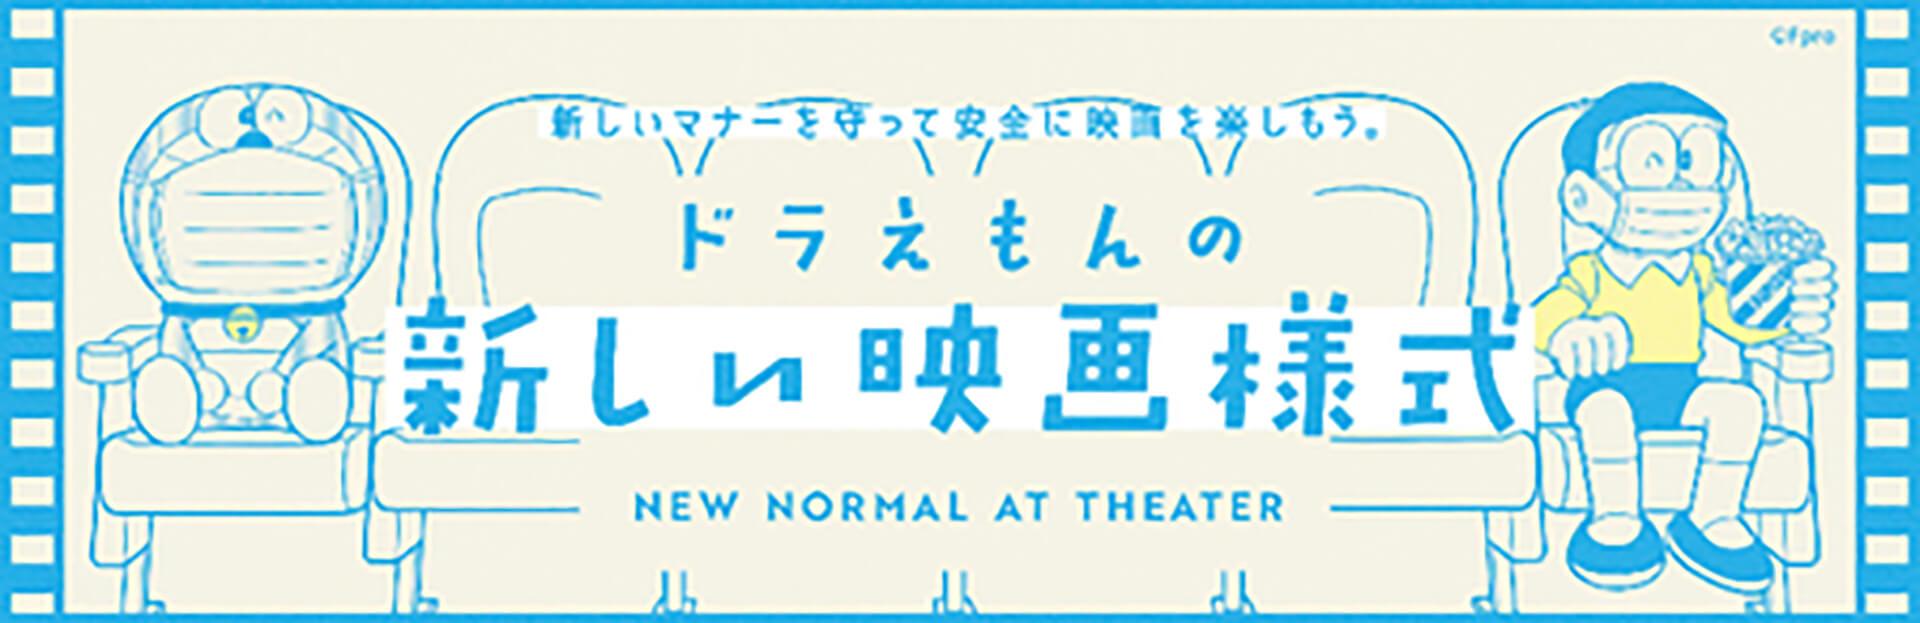 「映画ドラえもん のび太の新恐竜」公開記念 DUNLOPインスタグラム『フォロー&いいね!キャンペーン』